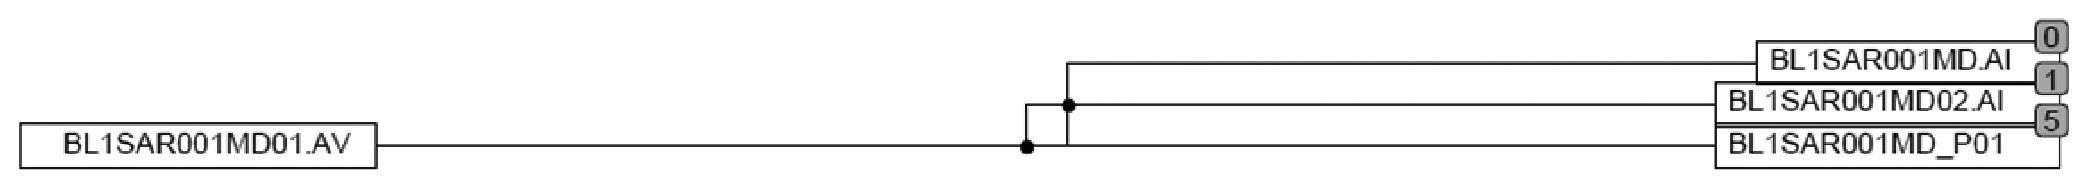 图6 DCS逻辑组态图 (改造后)